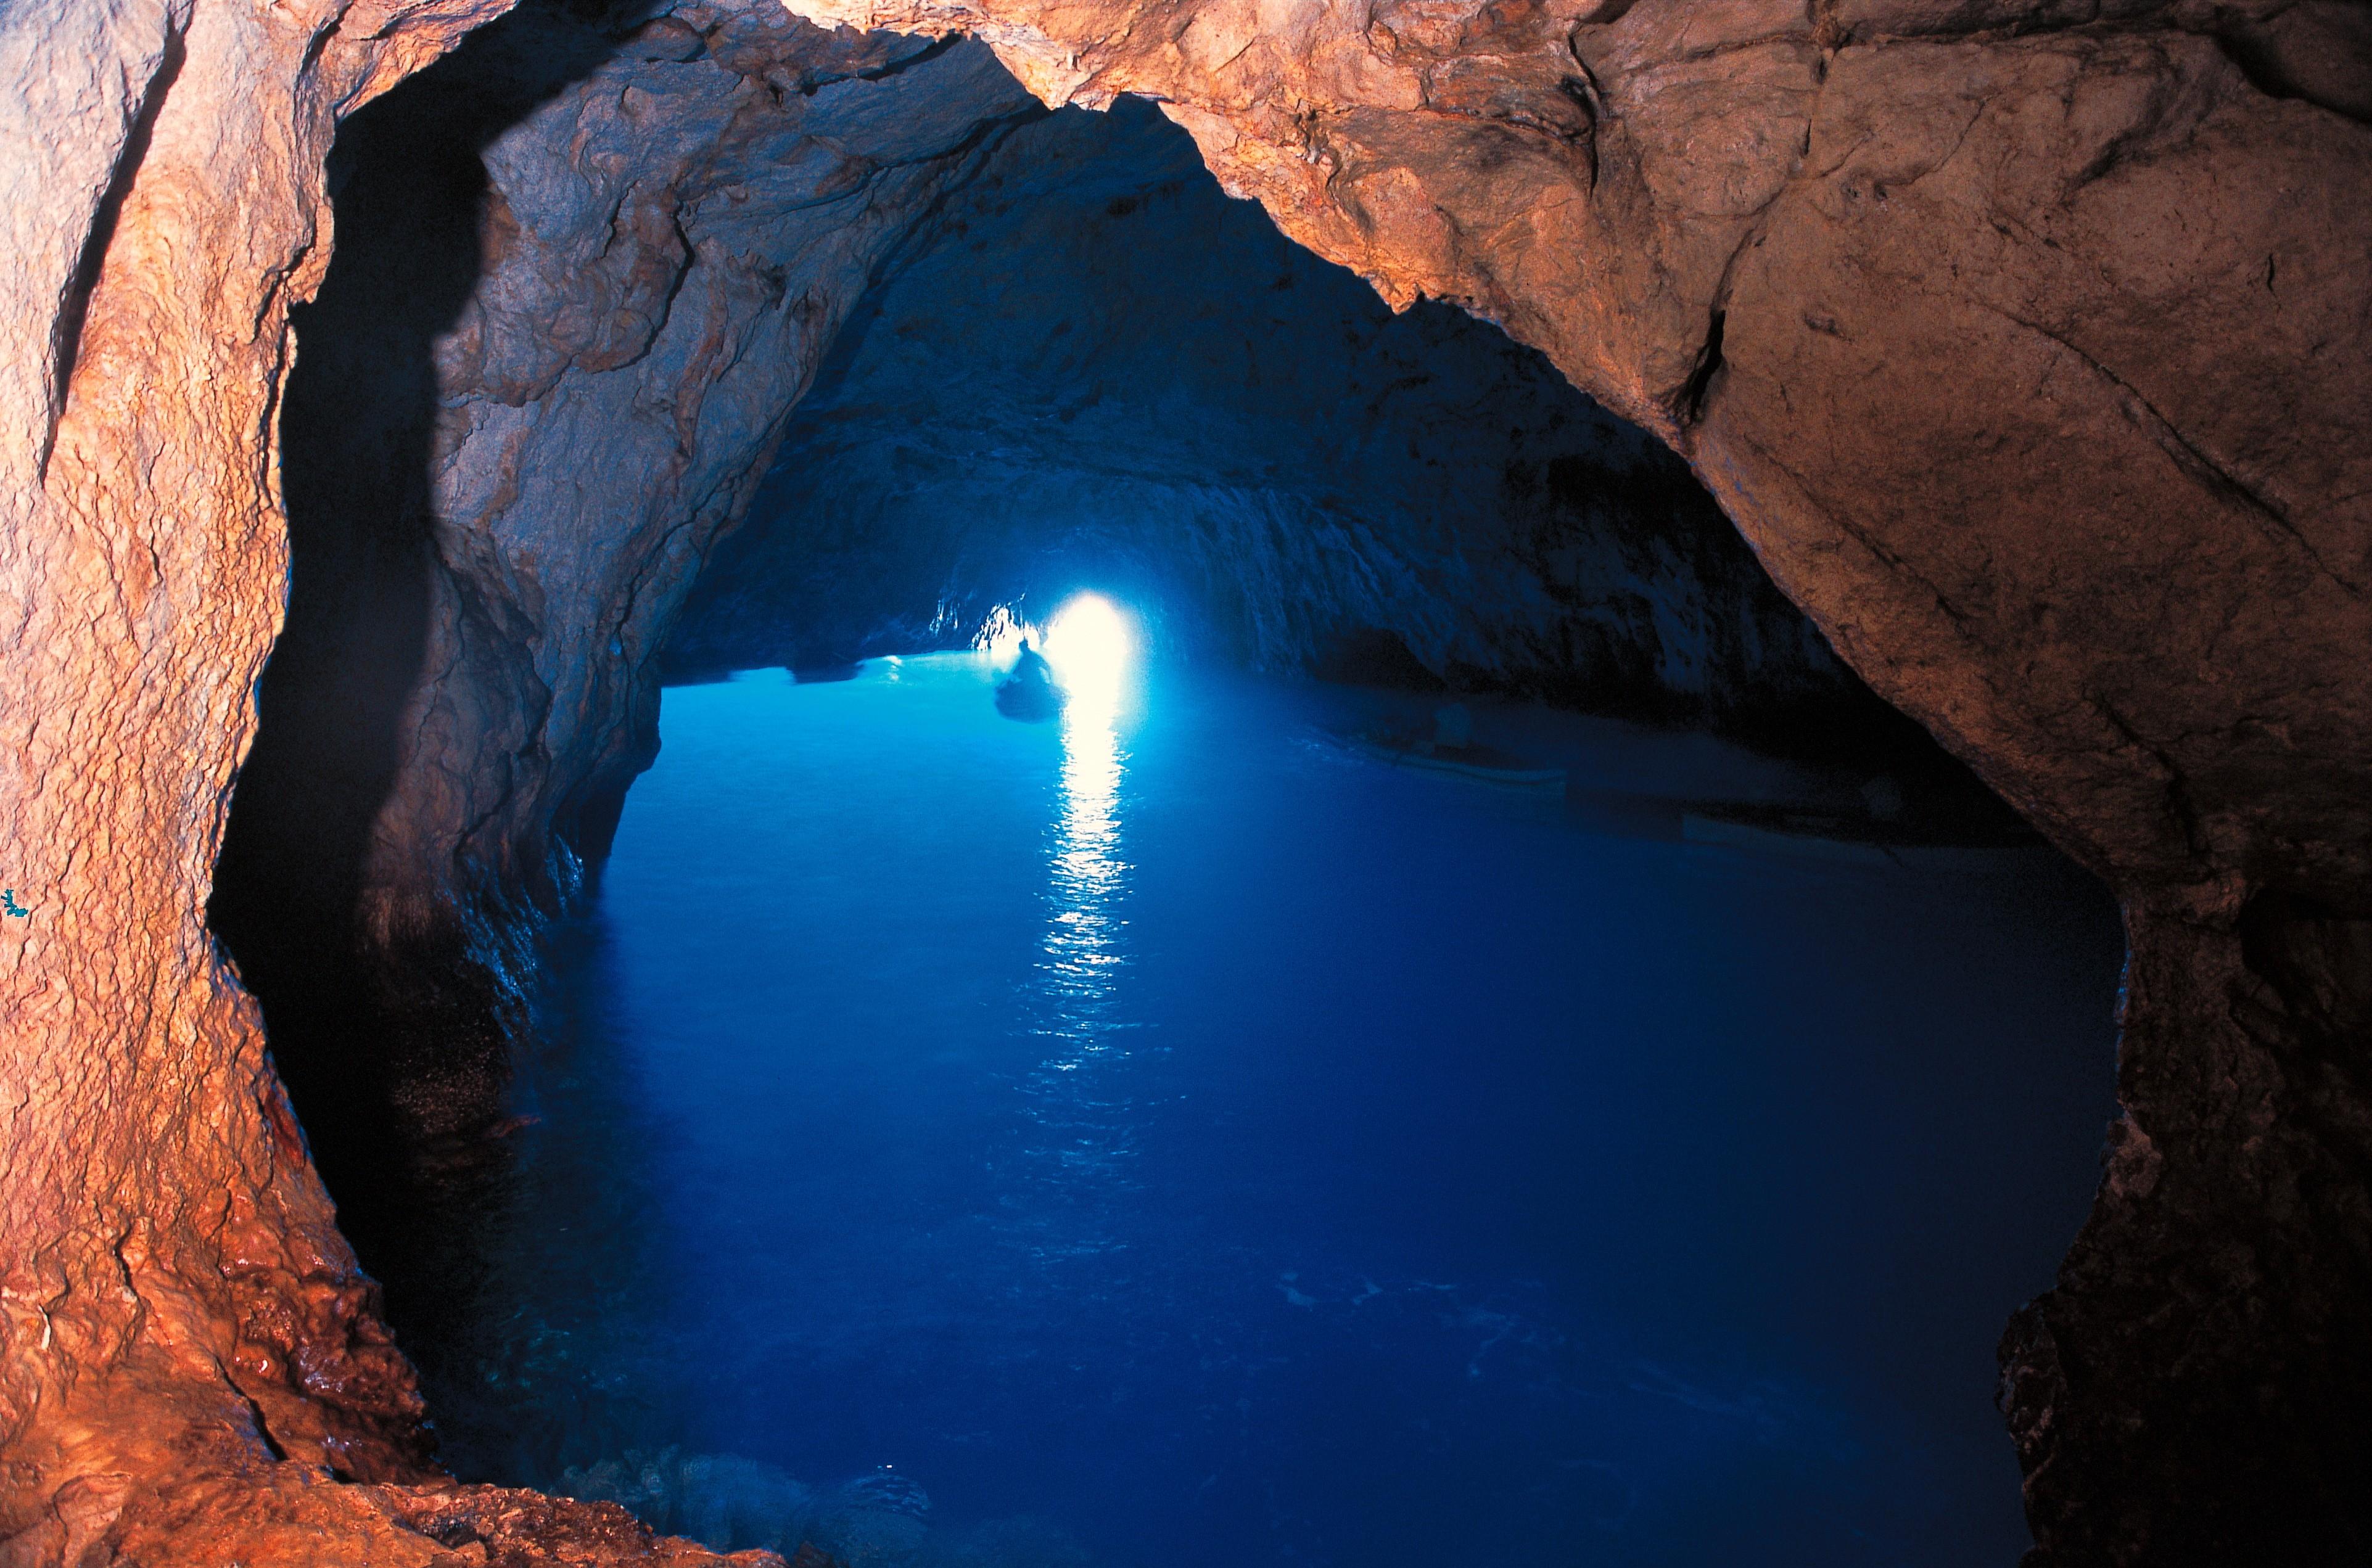 Bando di gara servizio biglietterie Grotta Azzurra e Villa Jovis isola di Capri (NA) - CIG 73313304E7